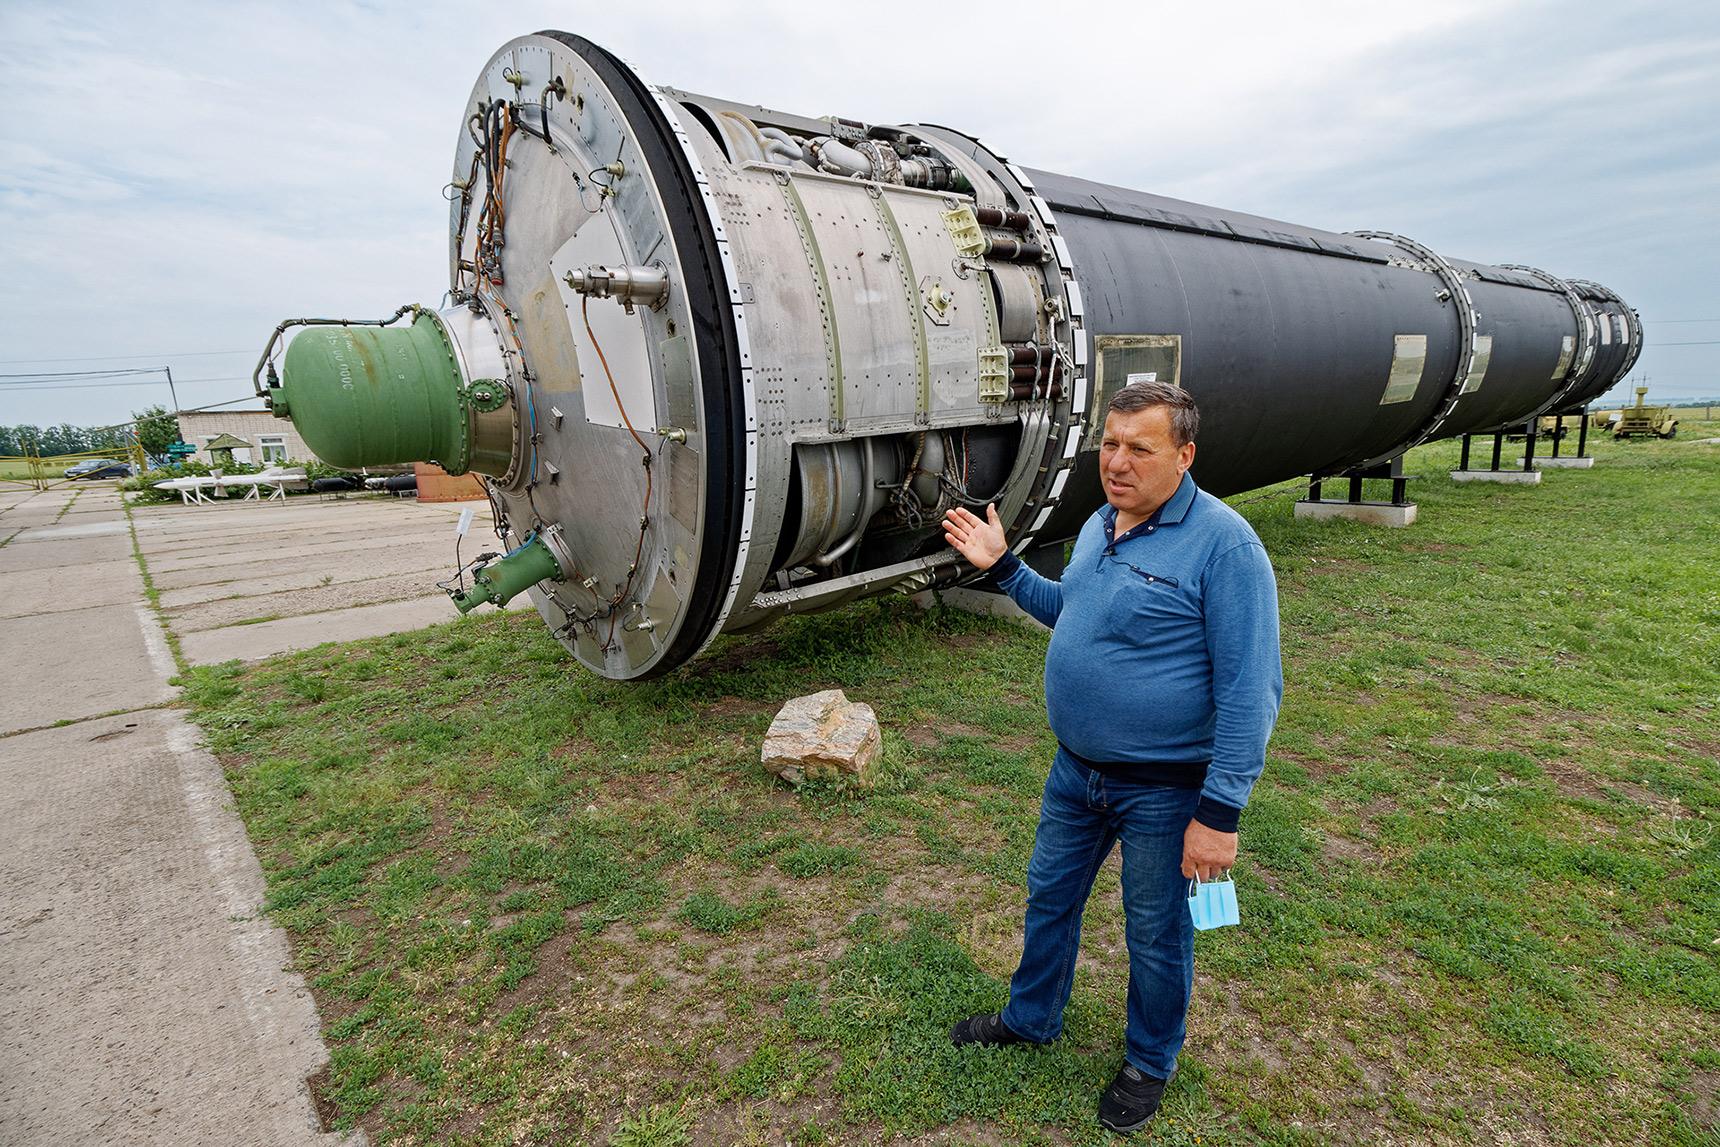 Зеленые выпуклости внизу ракеты – отсеки для пороха, который выталкивает ее из шахты